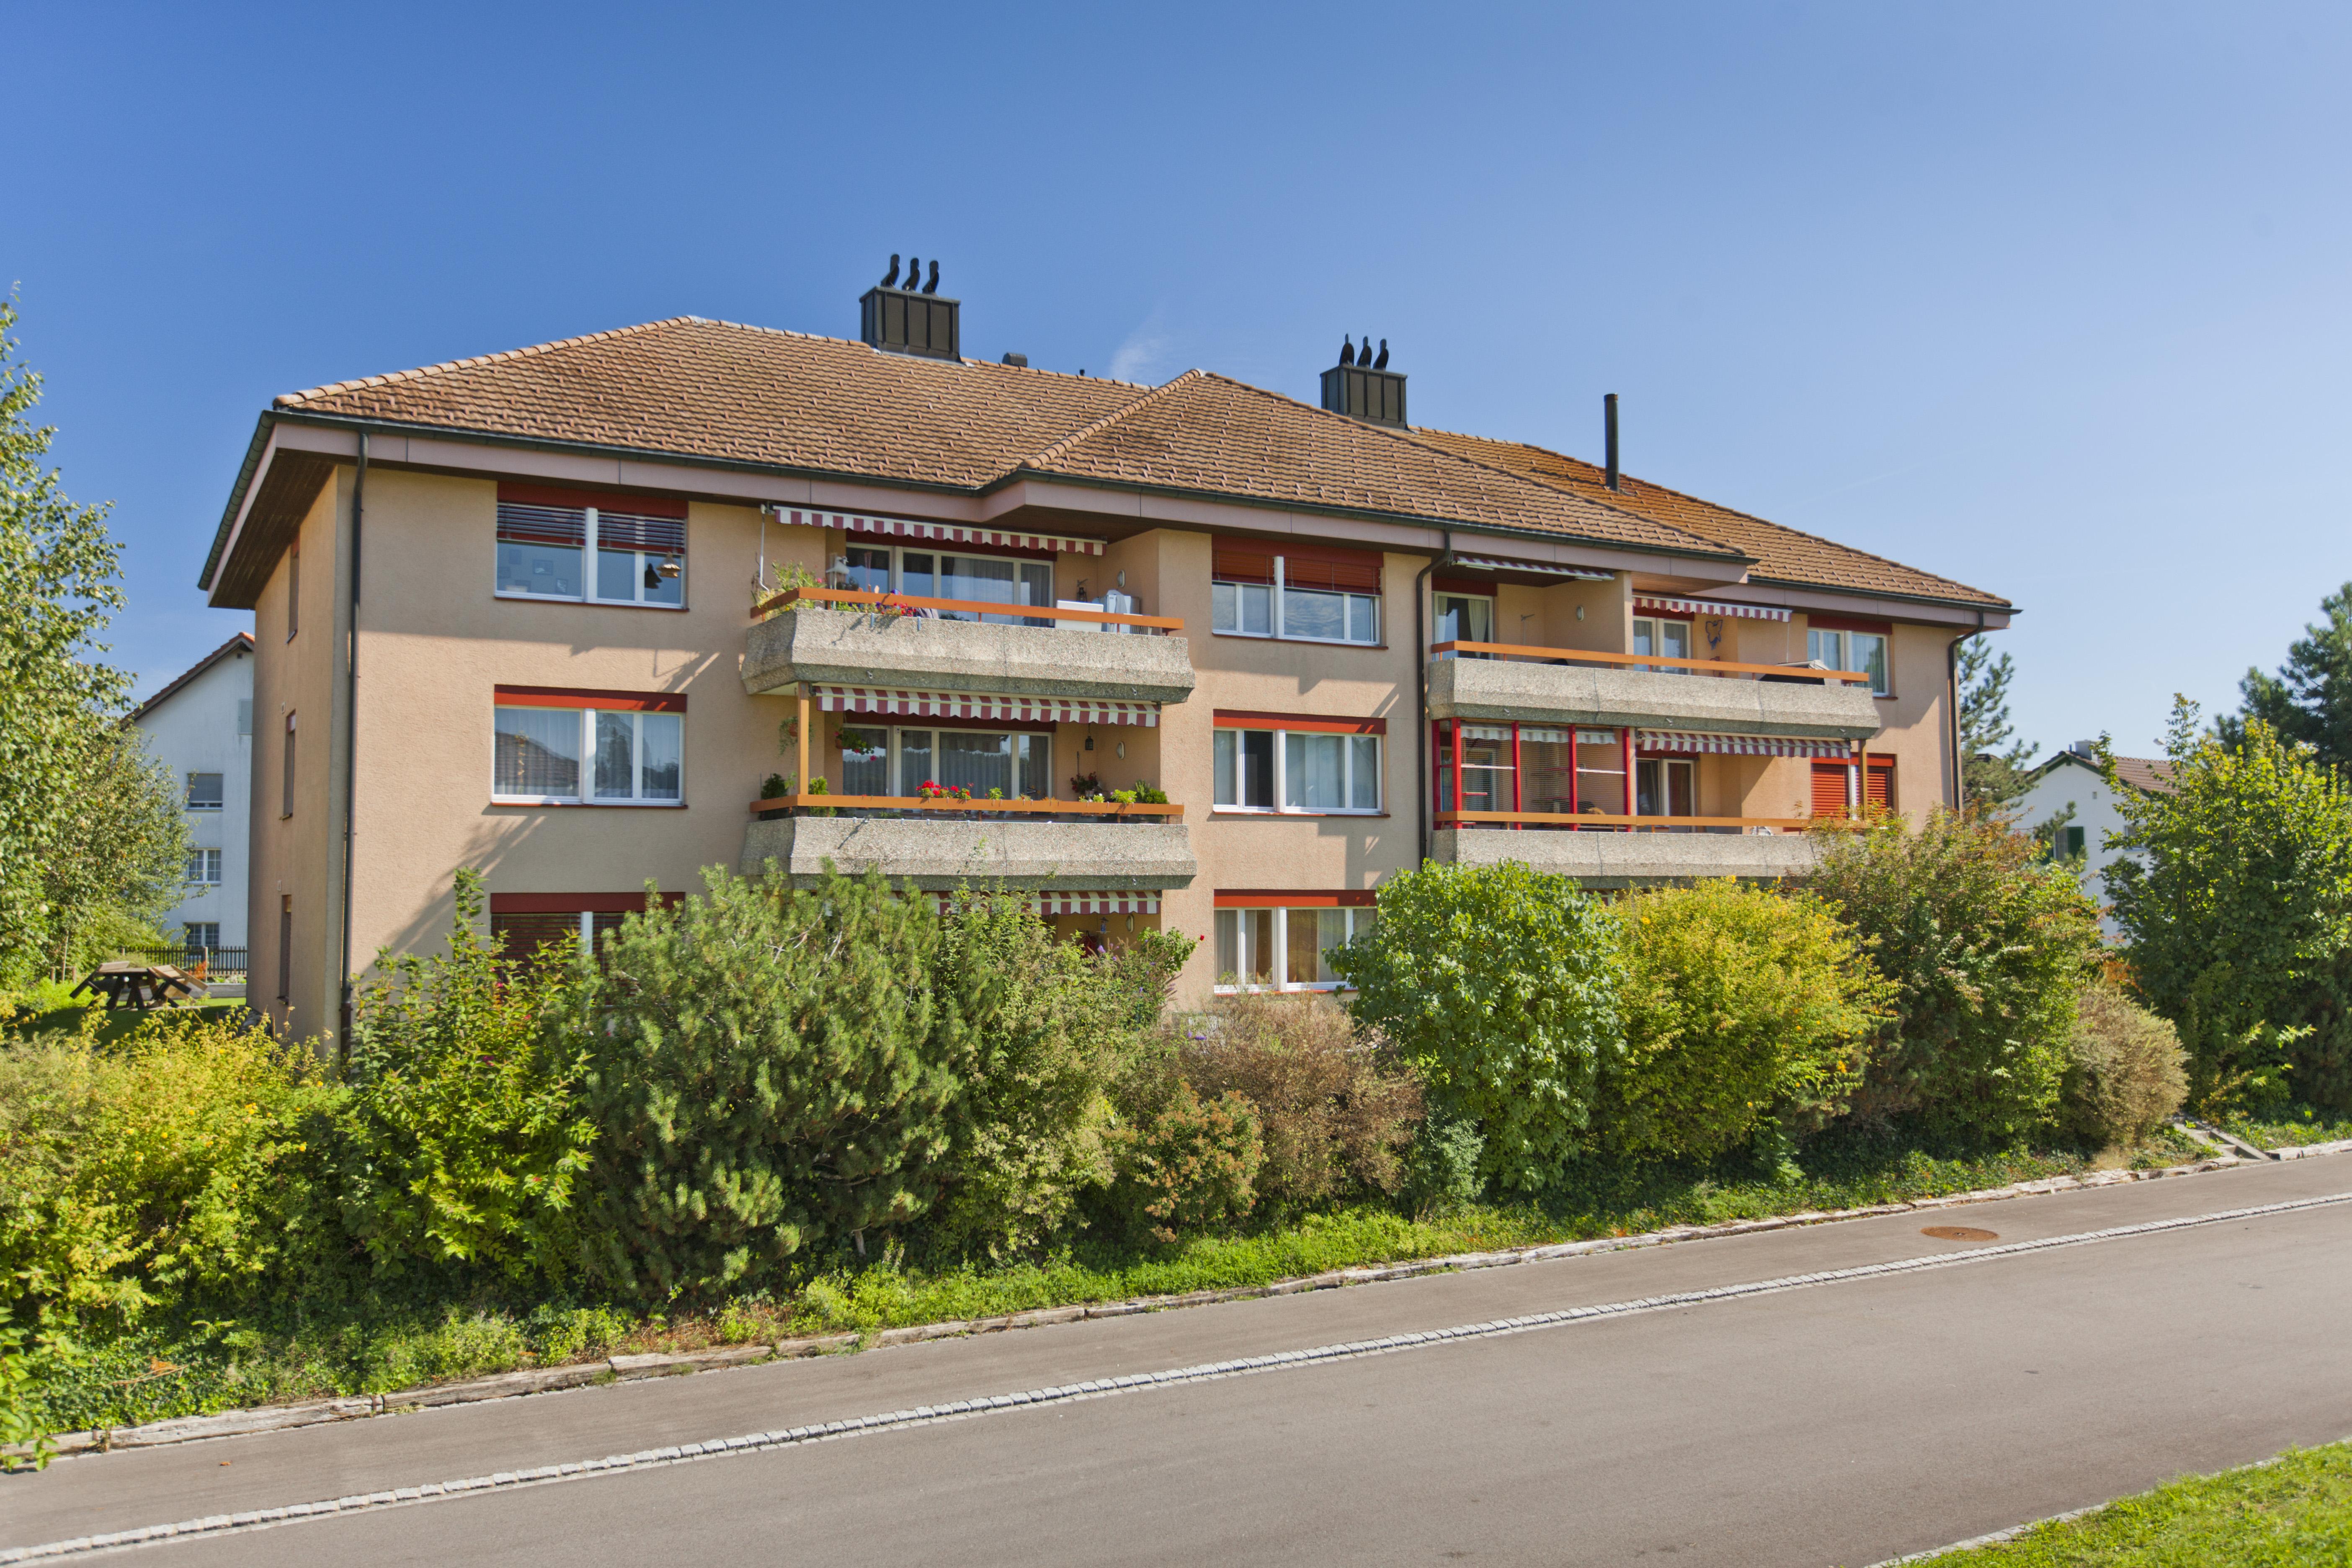 4,5 Zimmer Wohnung – Obstgartenstrasse 4, 9325 Roggwil TG